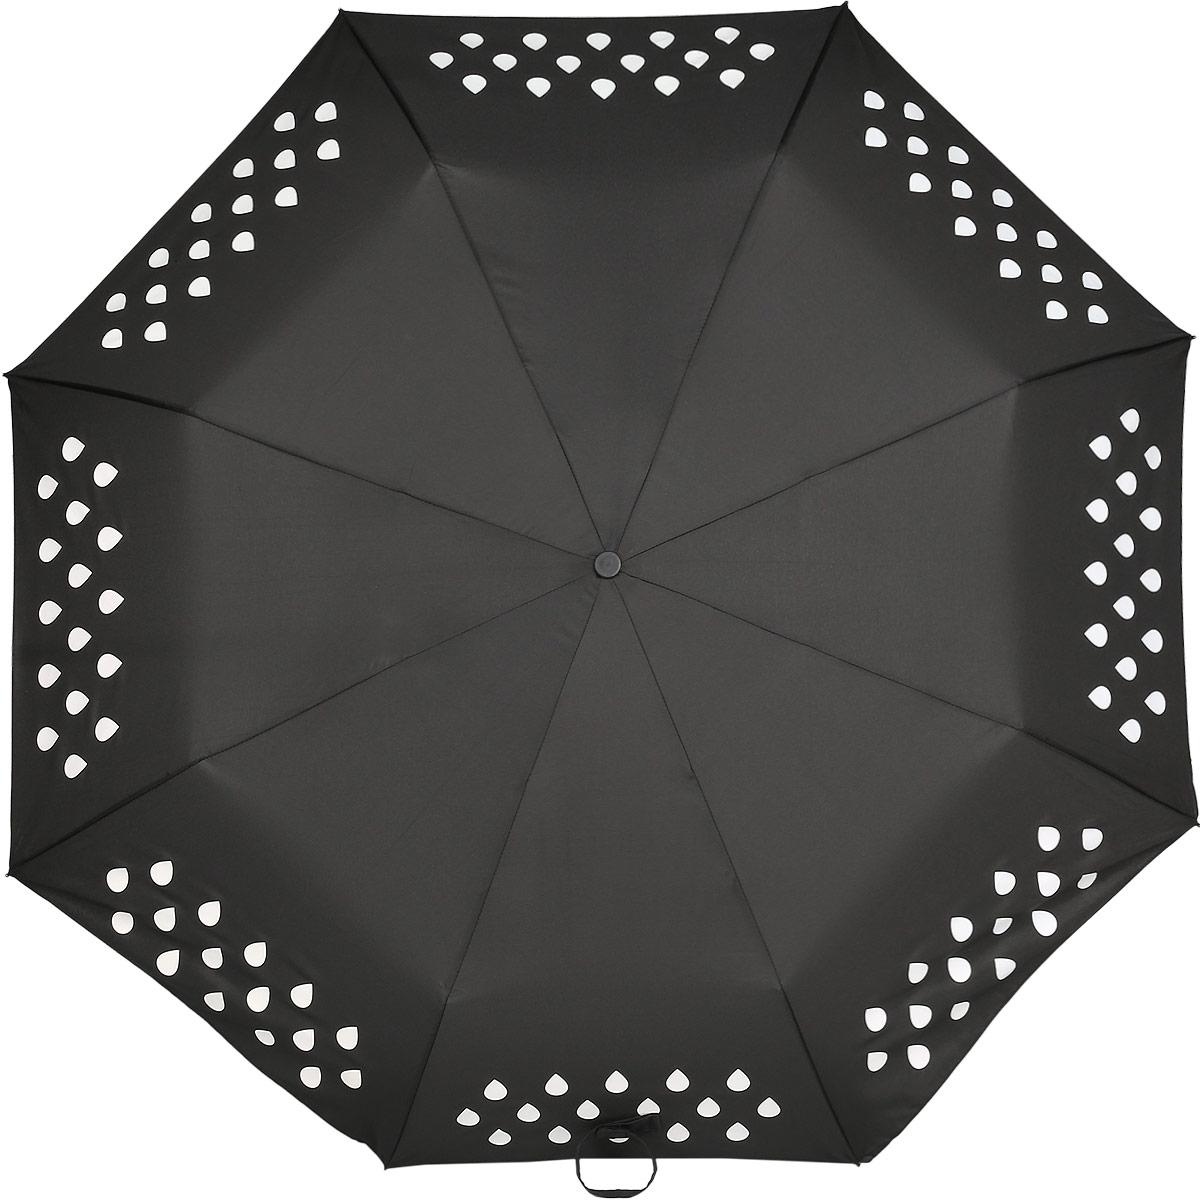 Зонт Reflective Suck UK, механический, 3 сложения, цвет: черный. SK UMBRELLA2SK UMBRELLA2Стильный механический зонт Reflective Suck UK в 3 сложения с надежным куполом защит вас в ненастную погоду. Каркас зонта выполнен из 8 металлических спиц, оснащен удобной рукояткой из алюминия, которая дополнена петлей. При намокании зонта орнамент на поверхности купола меняет цвет. Купол зонта выполнен из прочного полиэстера. К зонту прилагается чехол.